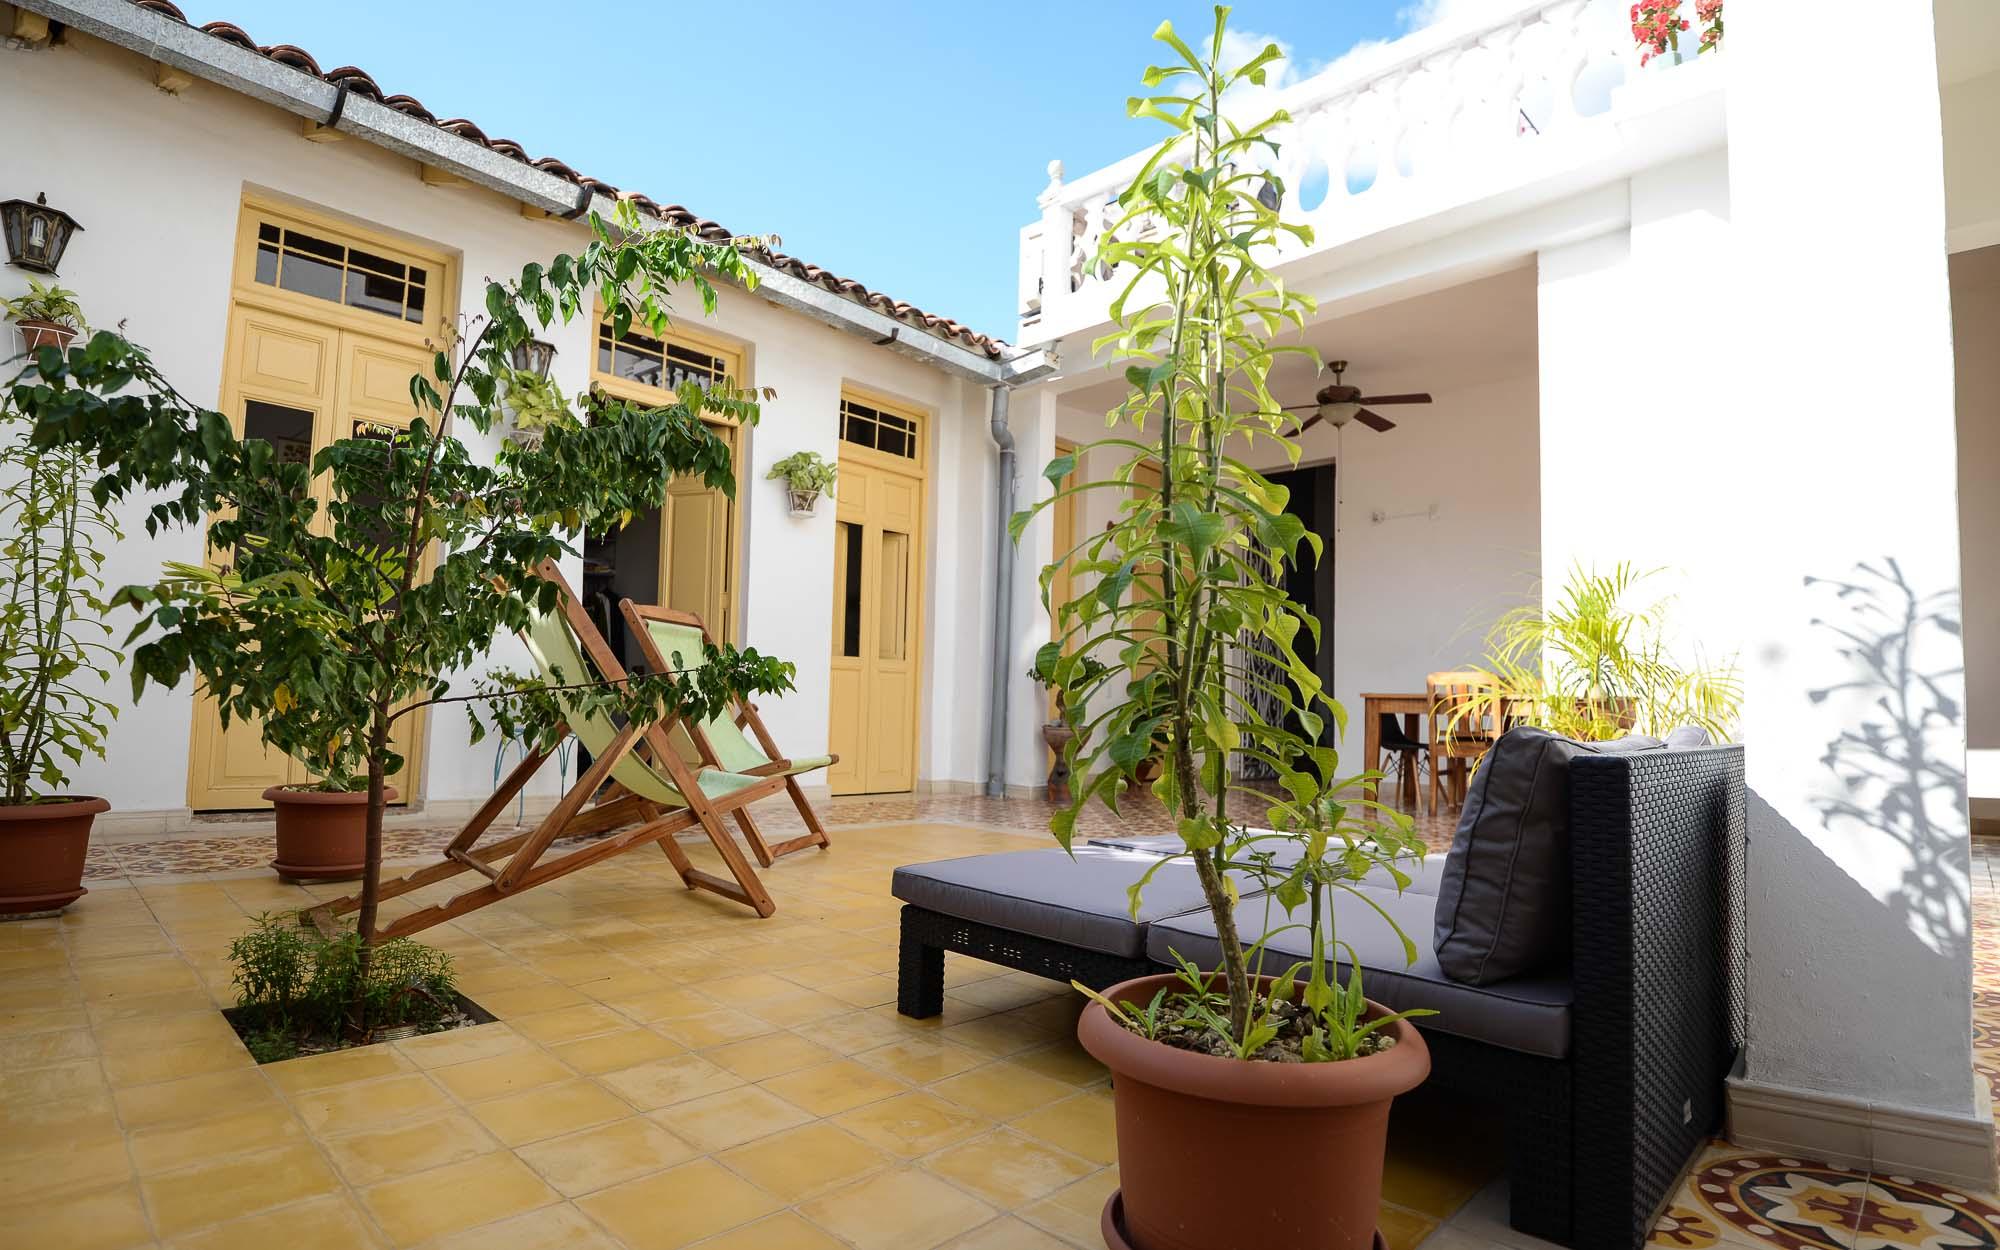 Im Patio von Casa1902 mit Blick zu den Zimmern